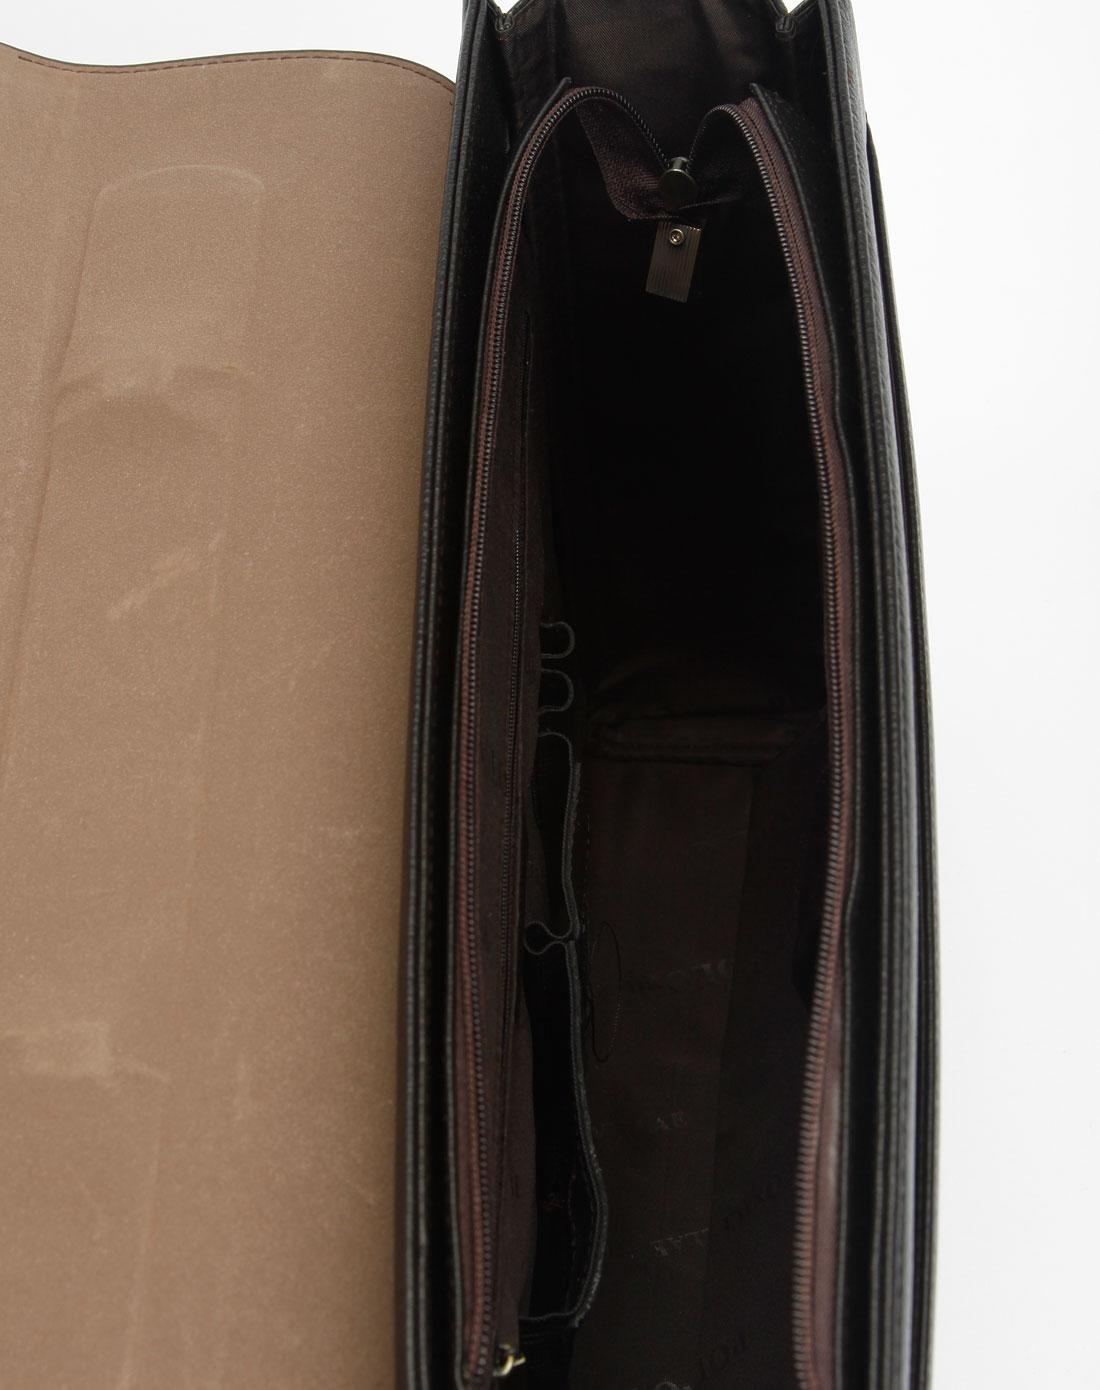 耐克nike-男款棕色商务休闲单肩包ppconpabx00380